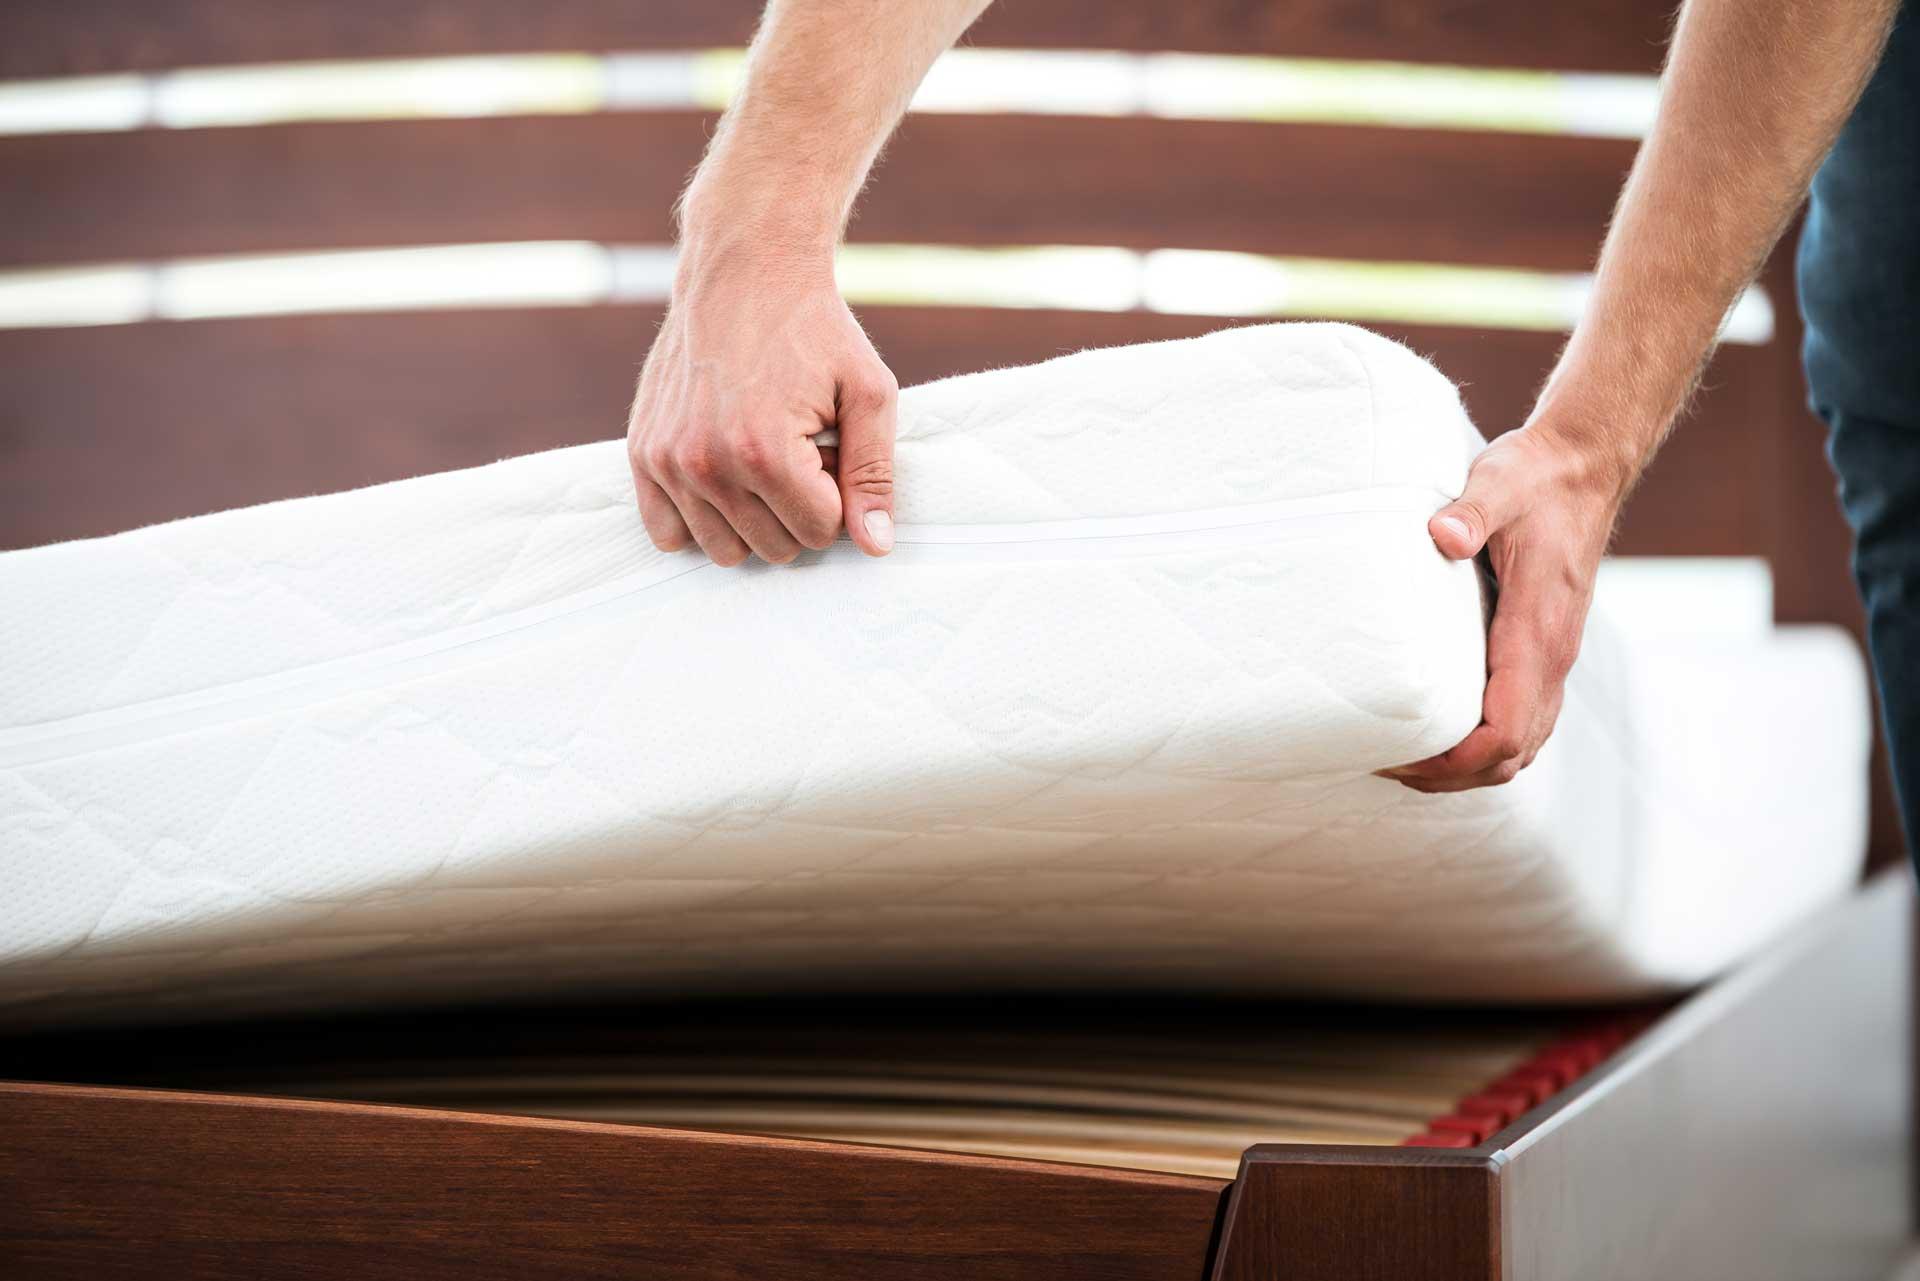 Beste Traagschuim Matras : Is een traagschuim matras het beste matras beste matrassen top